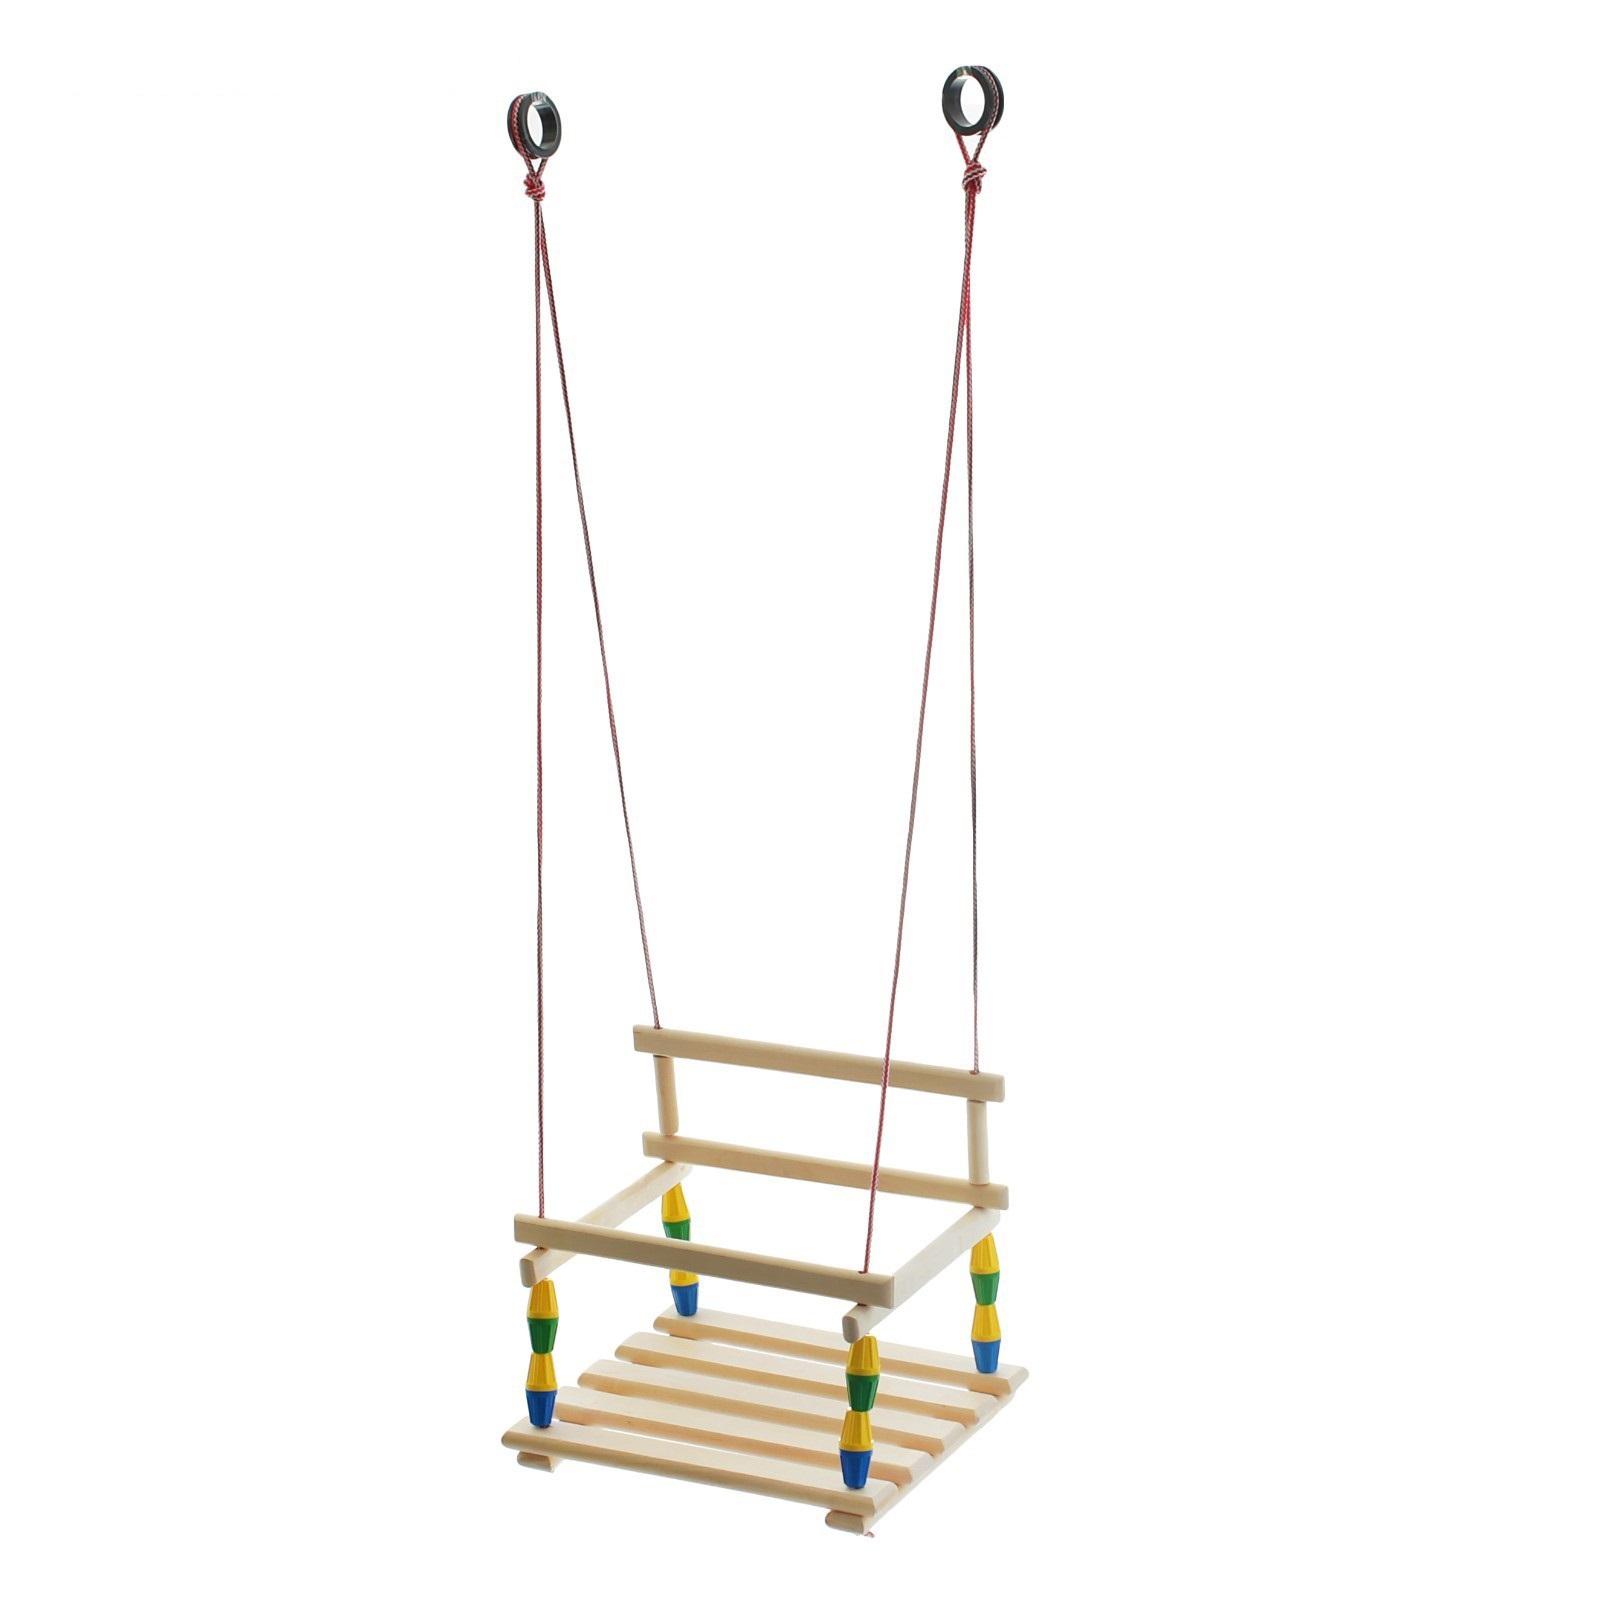 Купить Качели деревянные подвесные Классические, RT